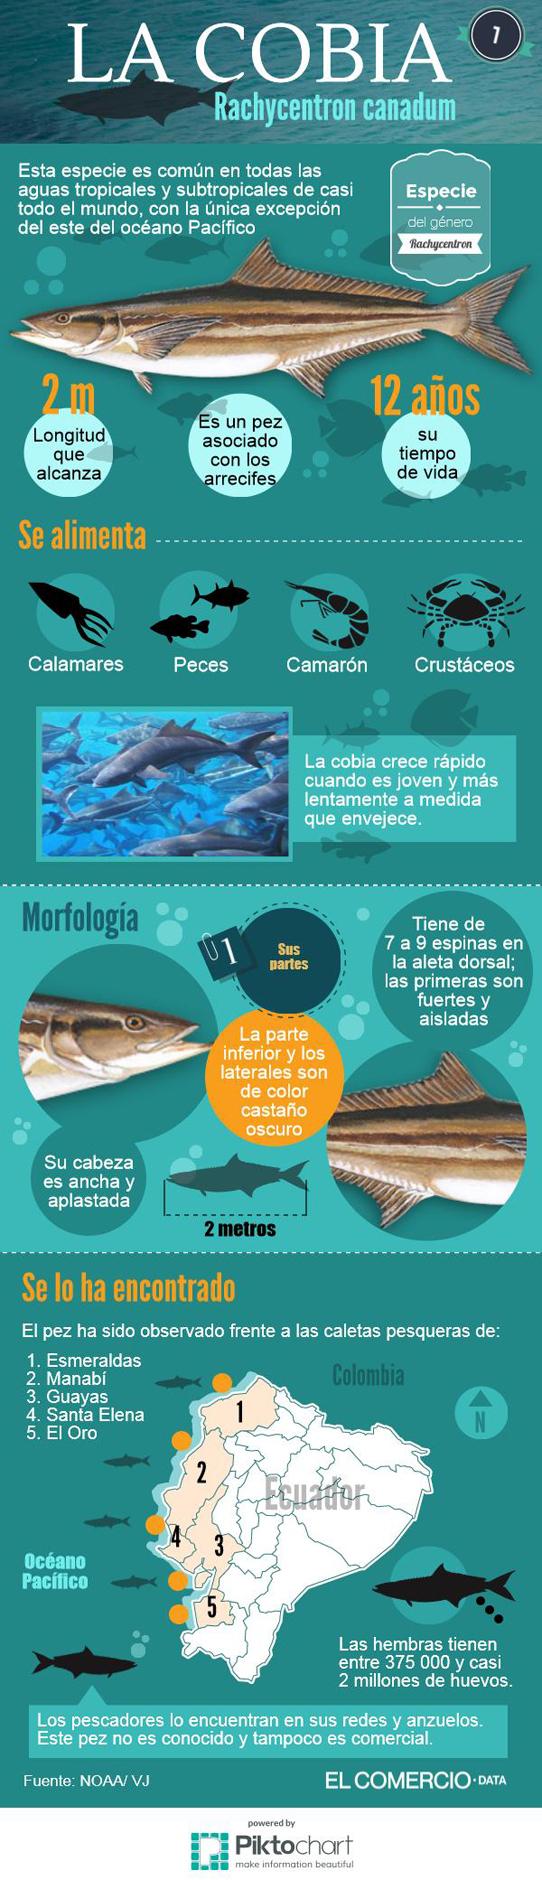 Infografía sobre la especie de pez cobia